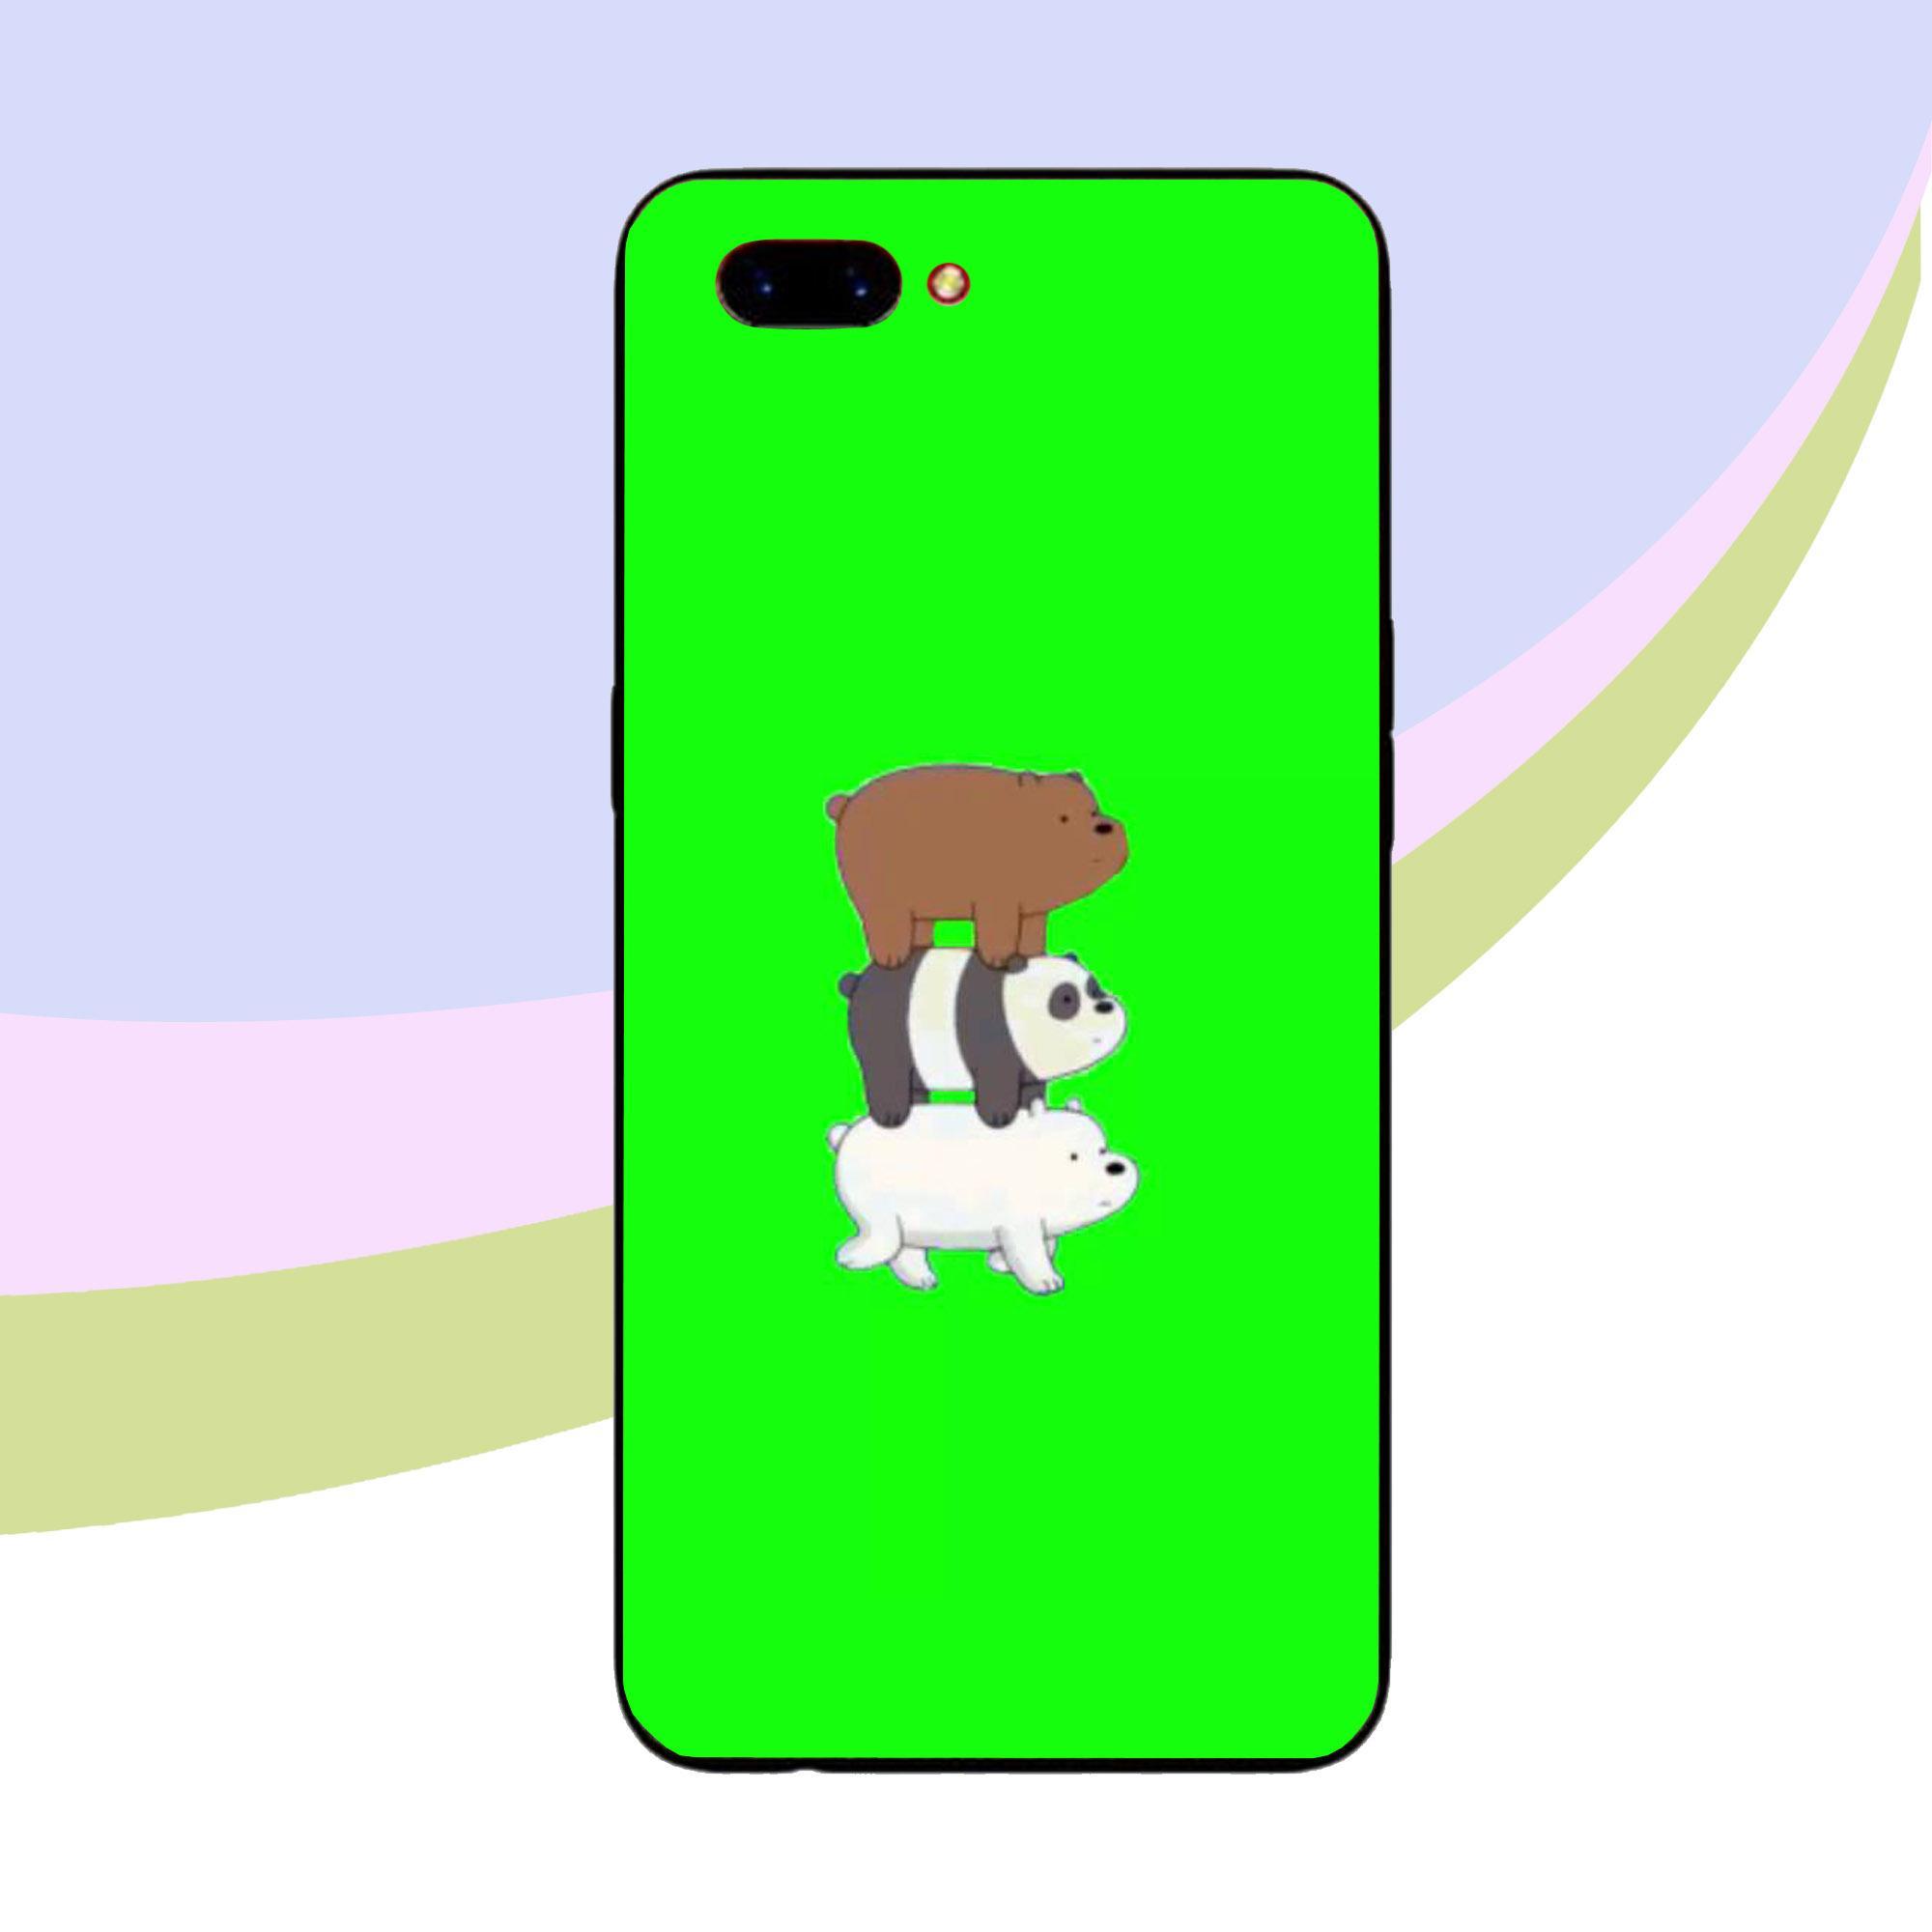 Features Case Oppo A3s New Panda Series Dan Harga Terbaru Harga